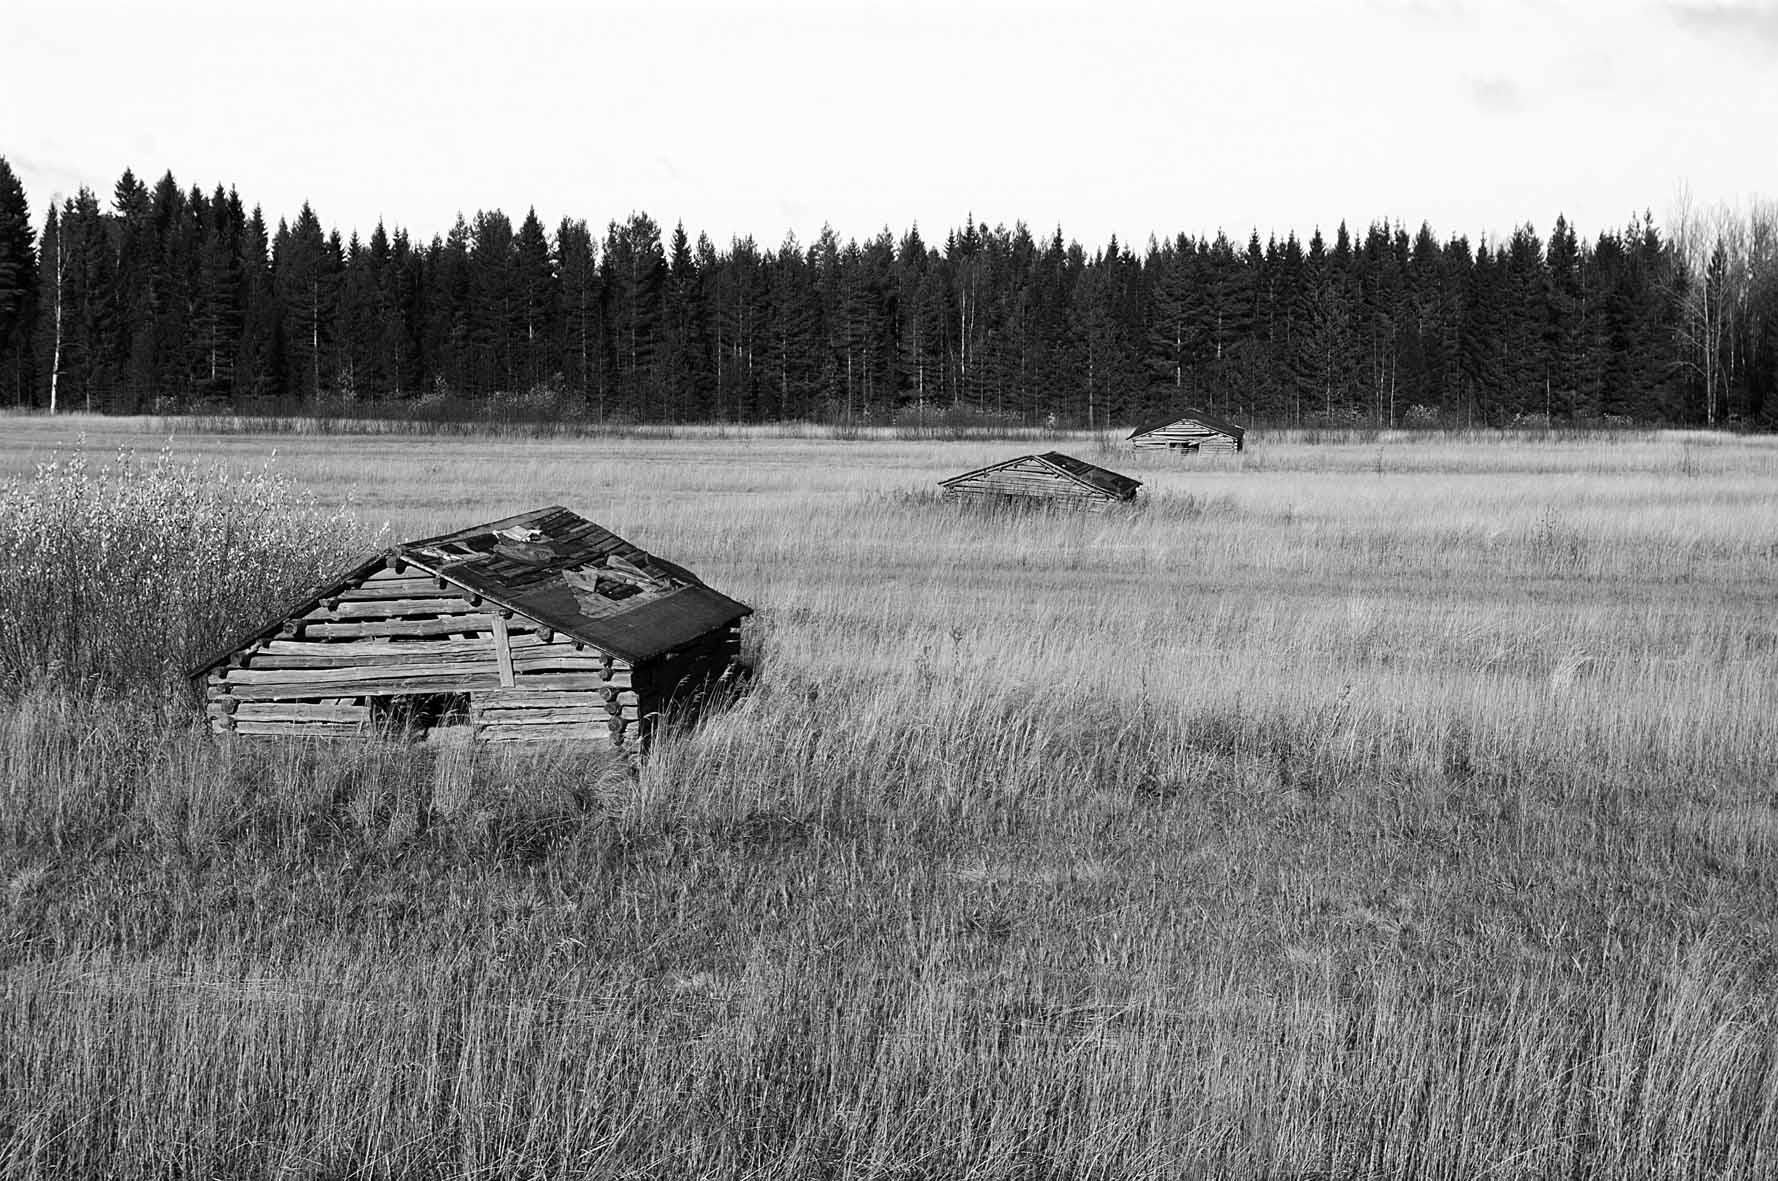 Mustavalkoinen kuva vanhoista ladoista suomalaisessa peltomaisemassa